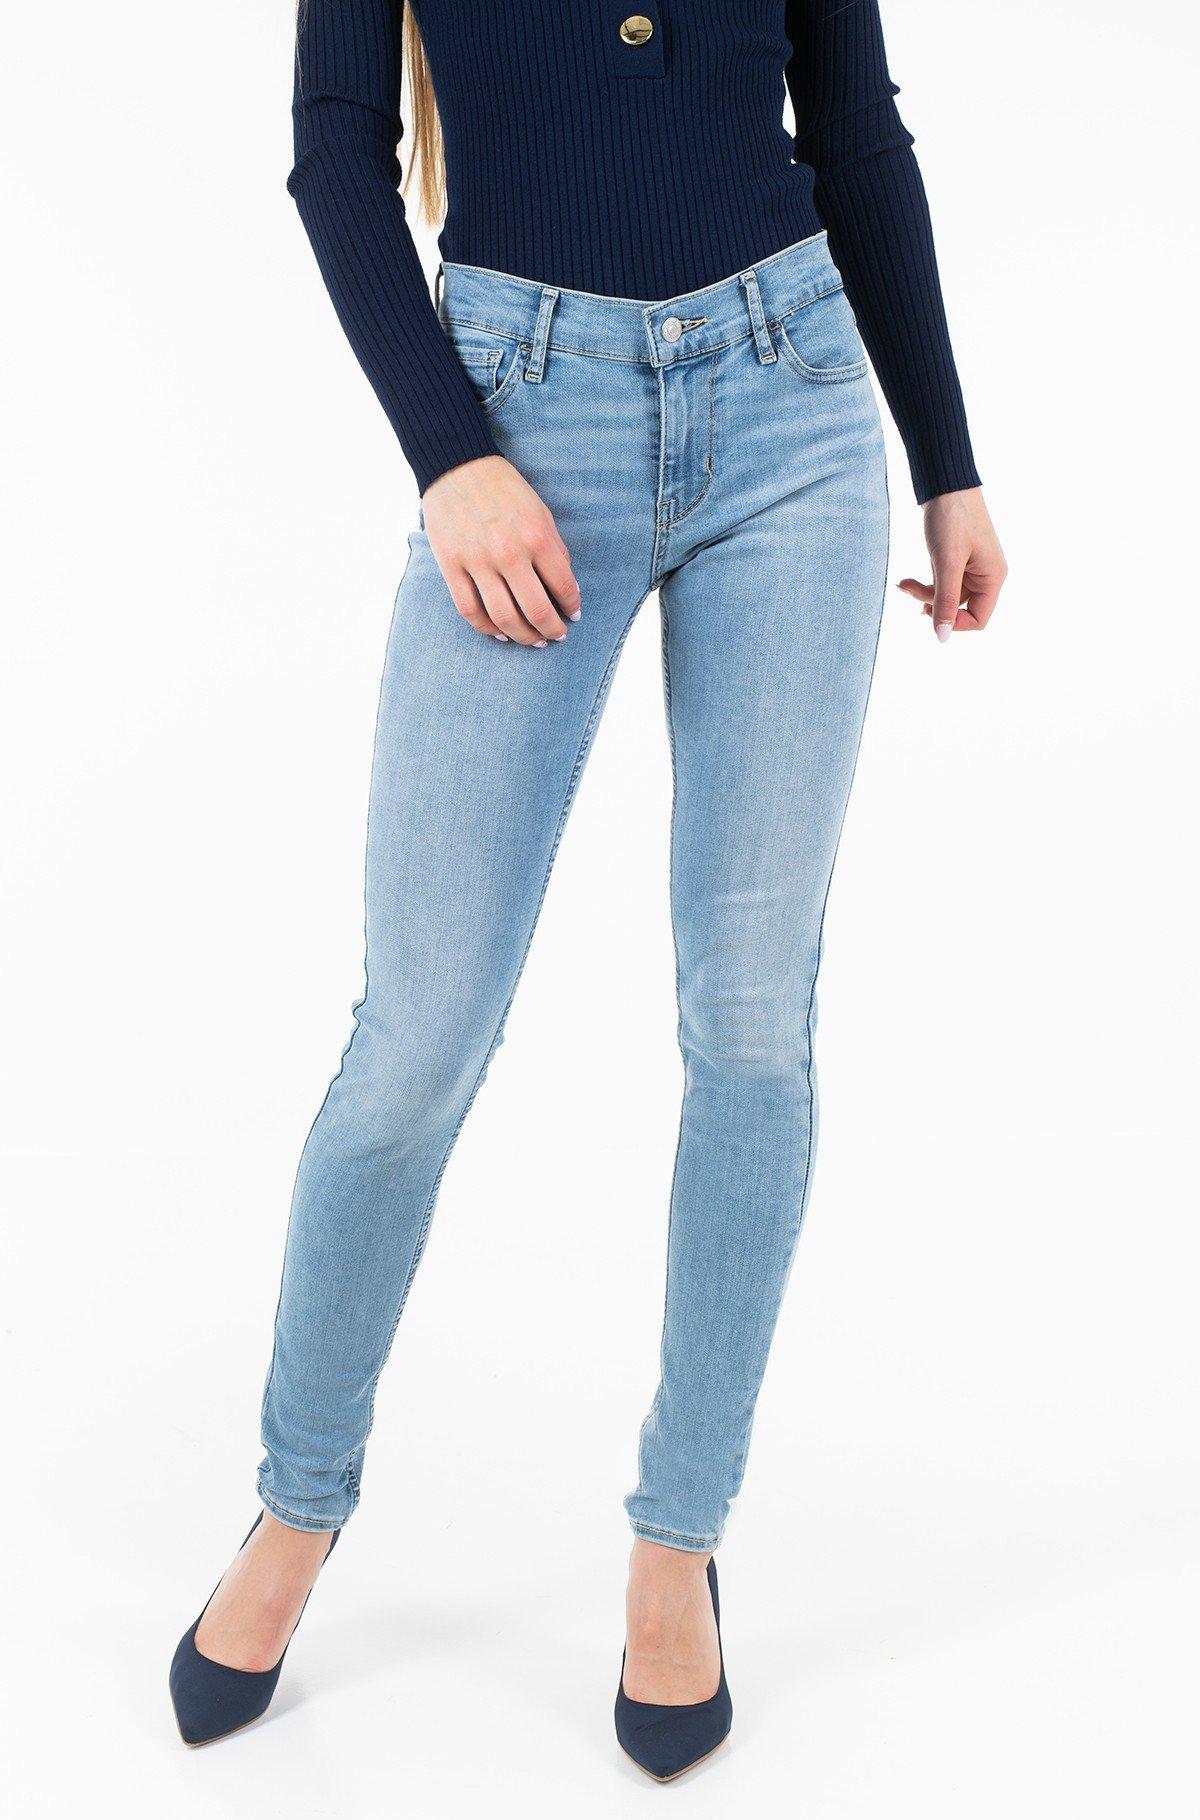 Jeans 177800065-full-1